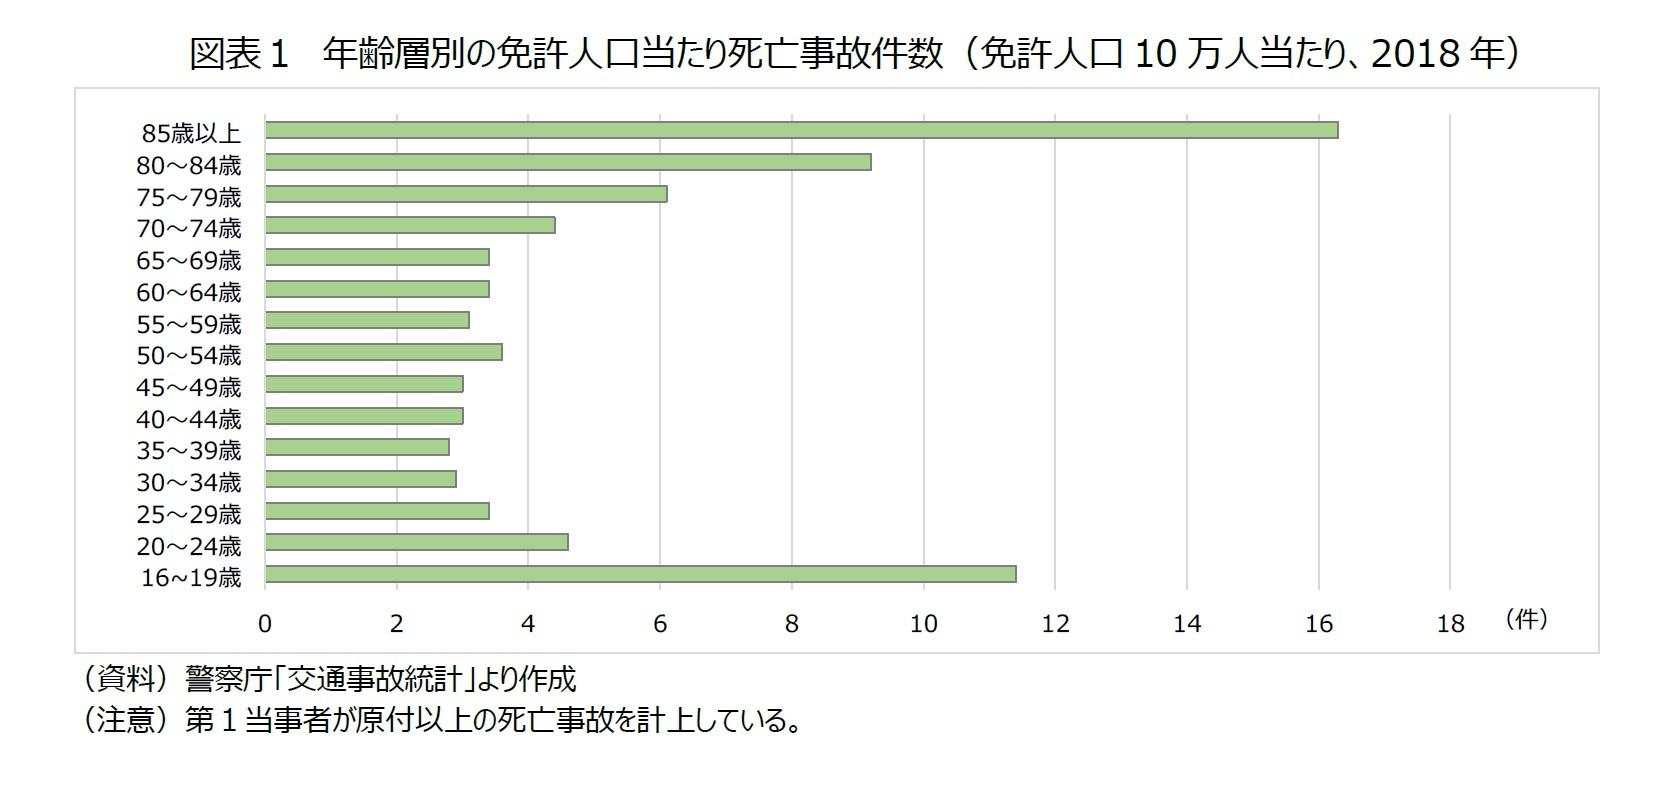 図表1 年齢層別の免許人口当たり死亡事故件数(免許人口10万人当たり、2018年)